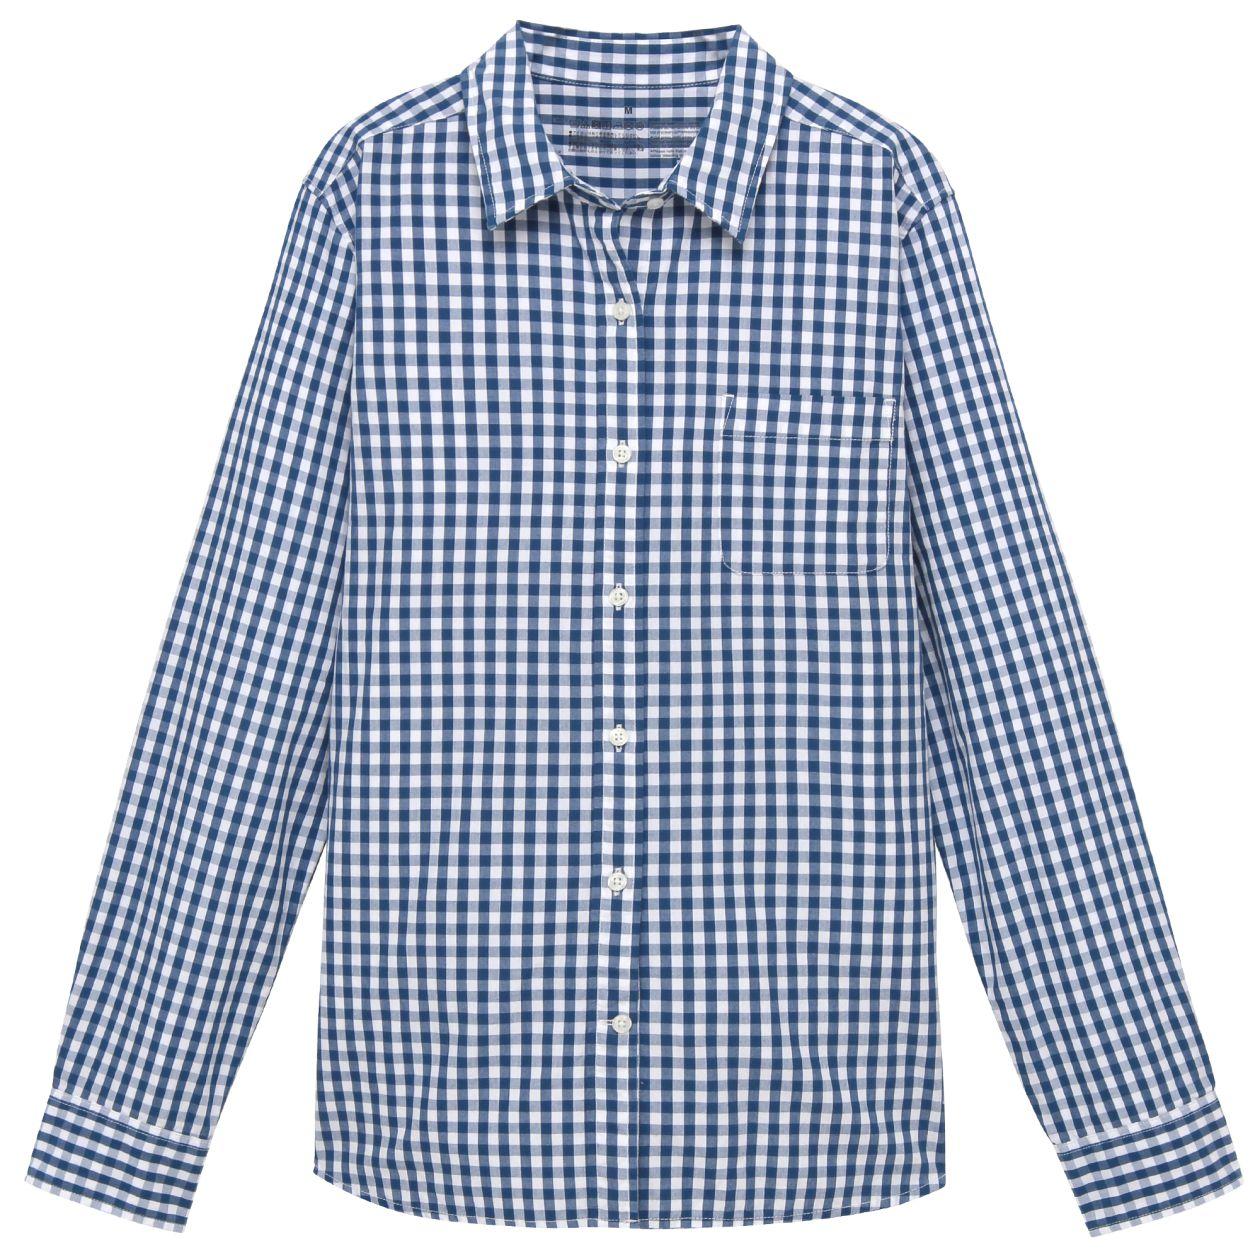 オーガニックコットン洗いざらしギンガムチェックシャツ